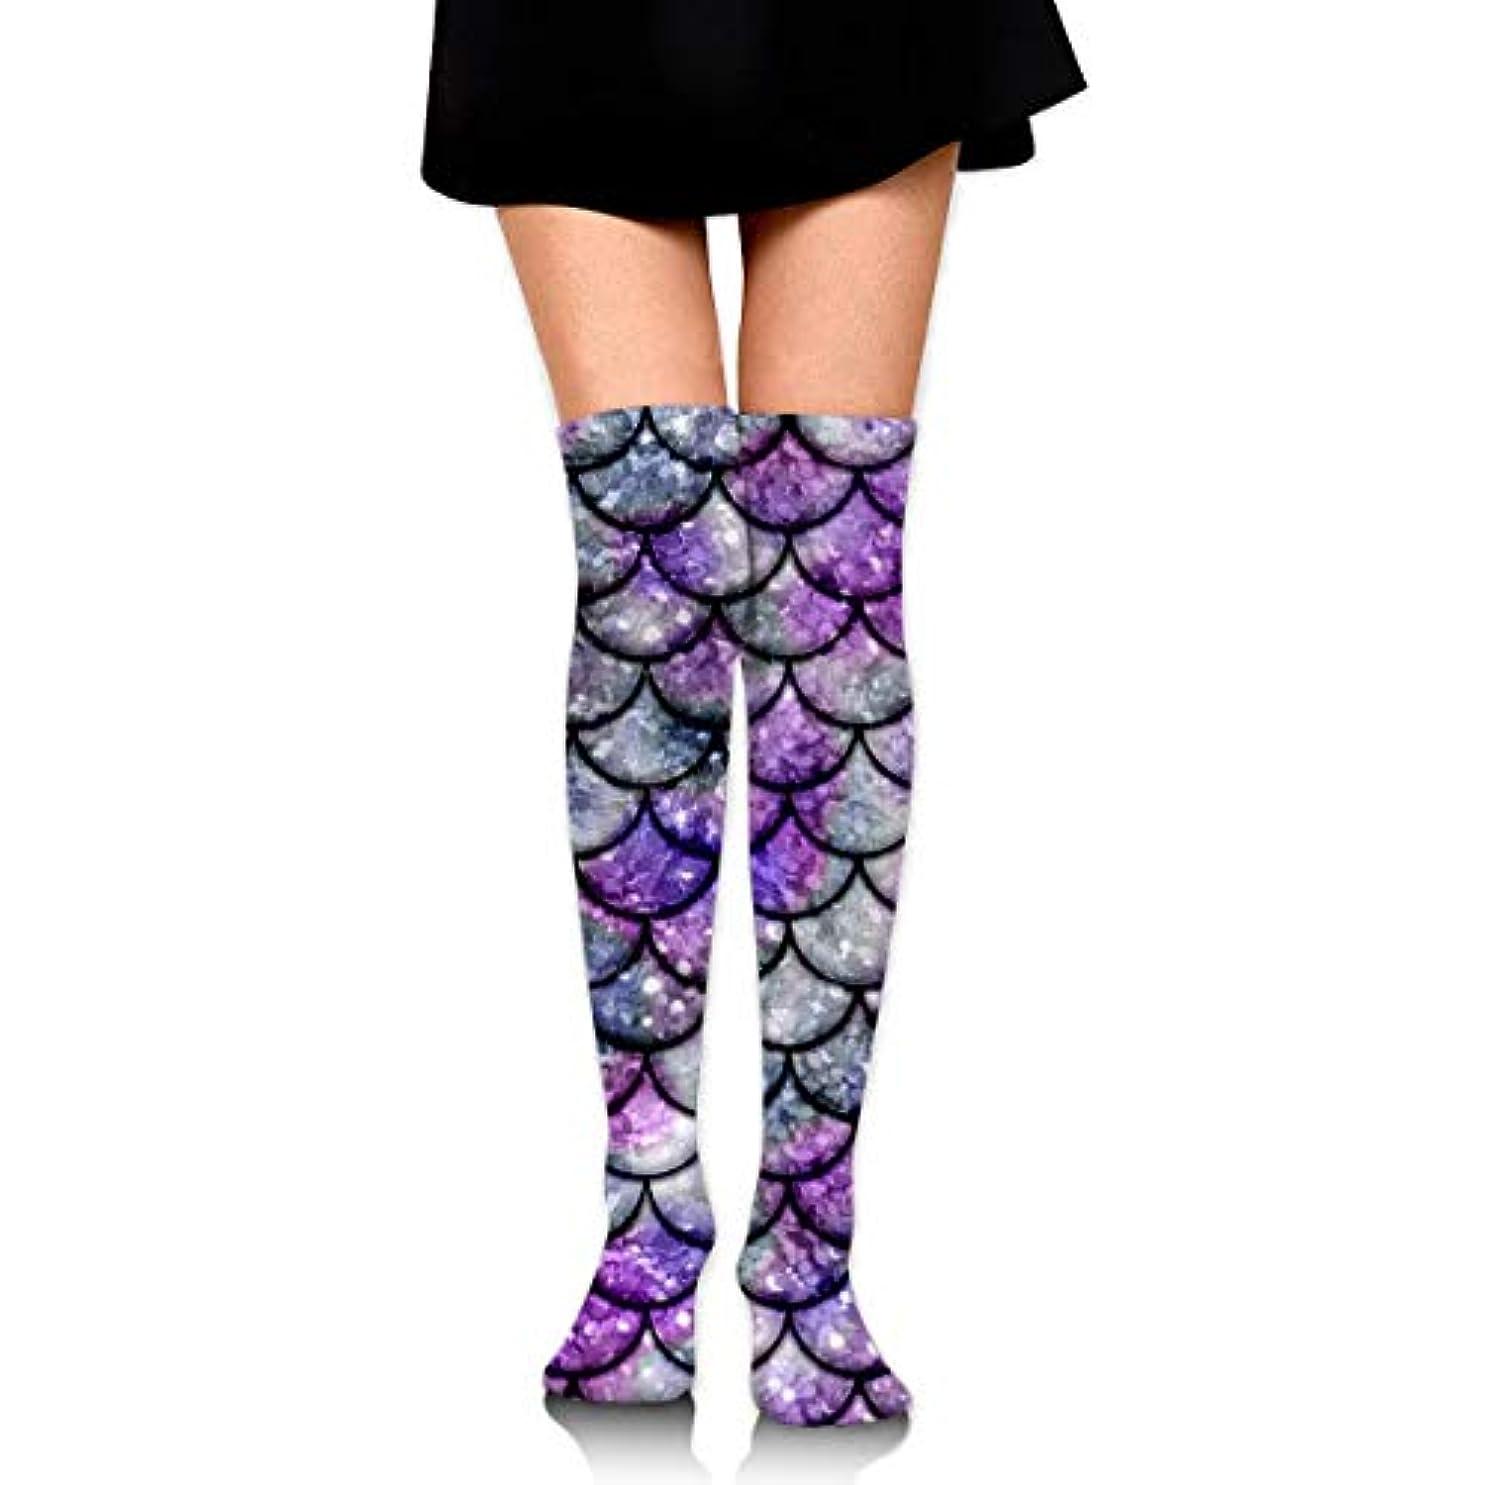 ハチモデレータ正午MKLOS 通気性 圧縮ソックス Breathable Extra Long Cotton Mid Thigh High Purple Mermaid Fish Scales Exotic Psychedelic Print...